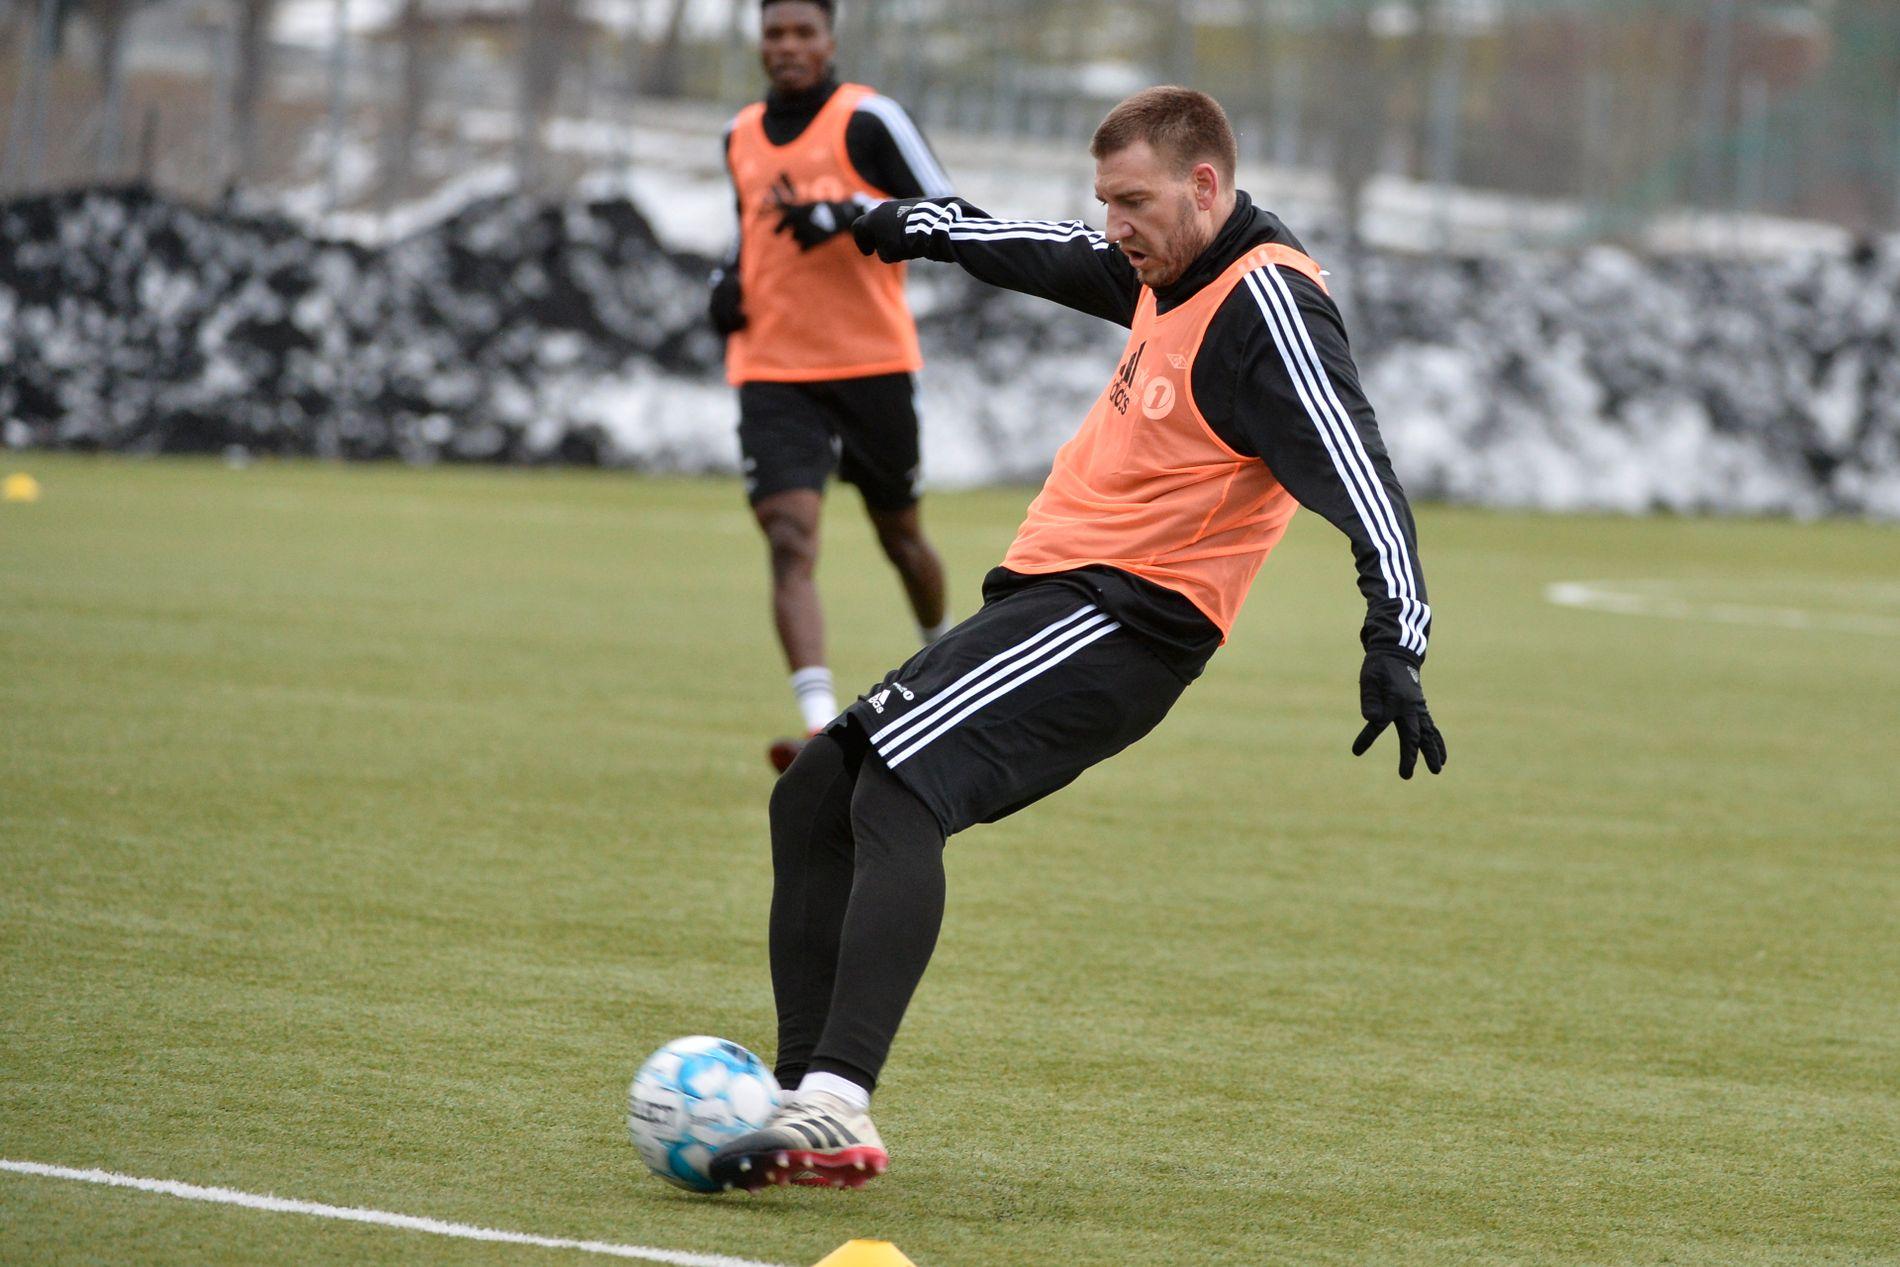 TILBAKE: Nicklas Bendtner, omtrent midt i bildet, er tilbake på trening med Rosenborg. Her på kunstgresset utenfor Lerkendal.